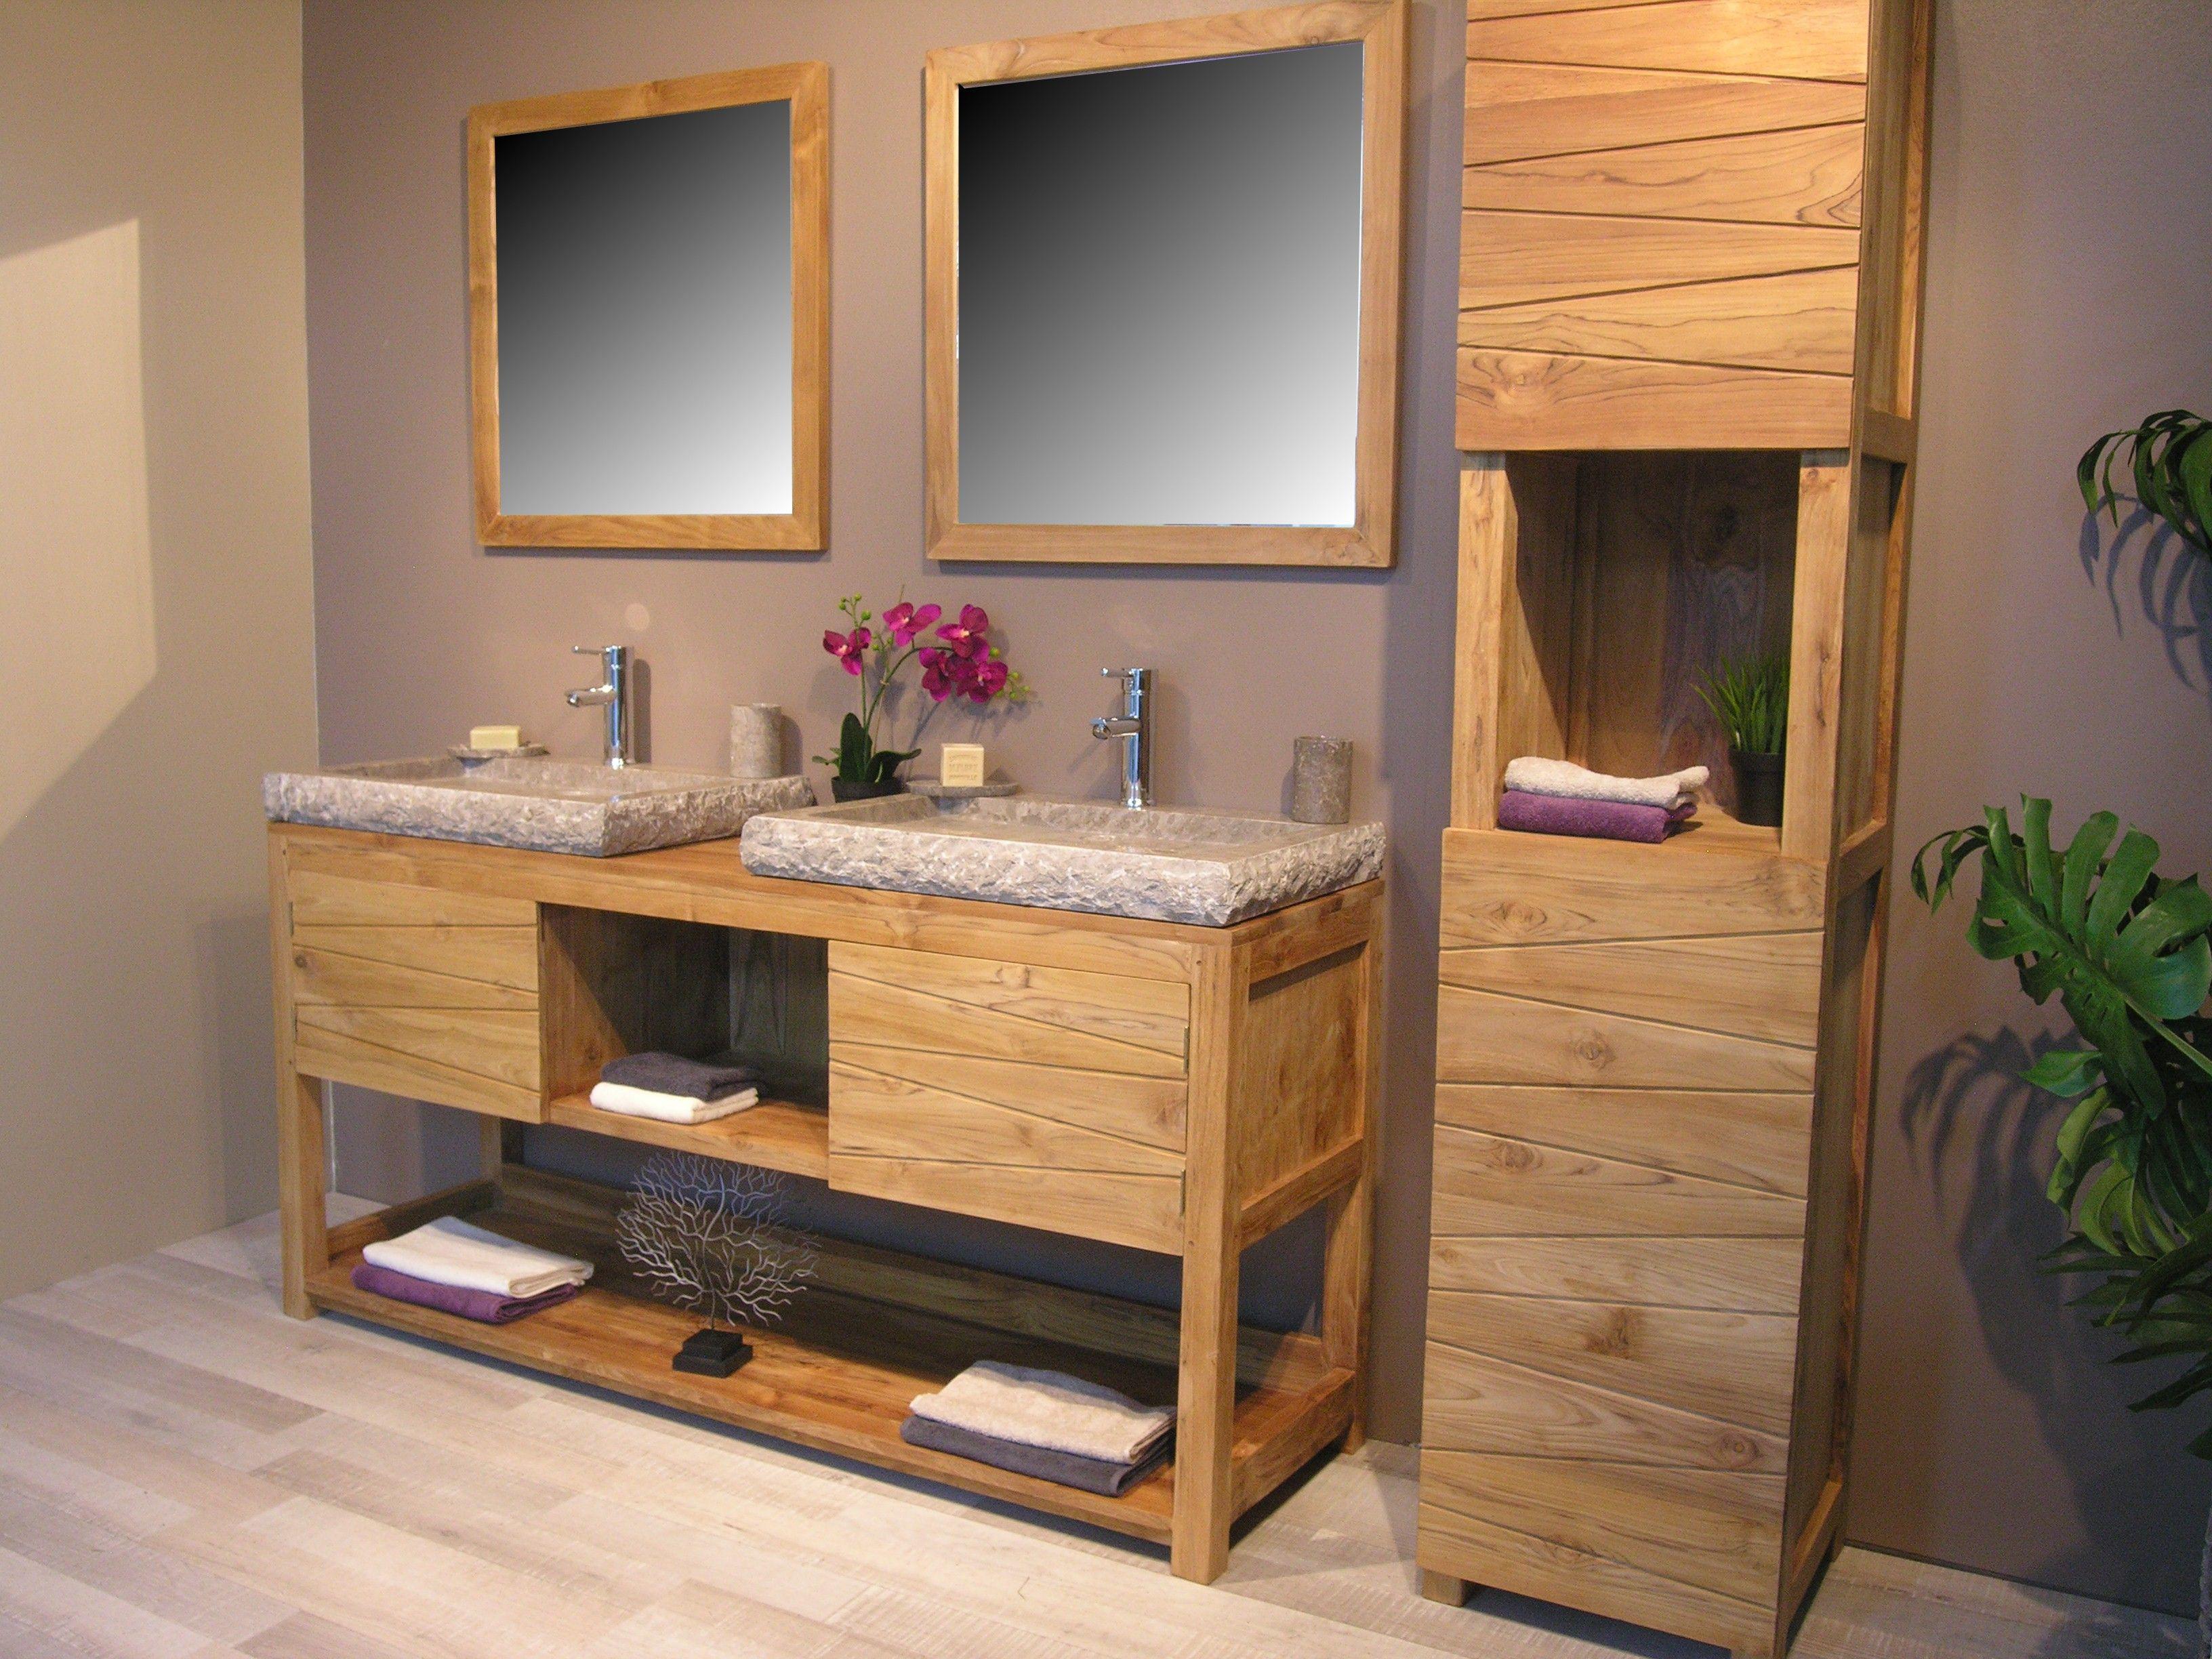 Armoire Salle De Bain Leroy Merlin Unique Photos Le Douillet Meuble Salle De Bain En Bois Pas Cher Dessin  Bonifier